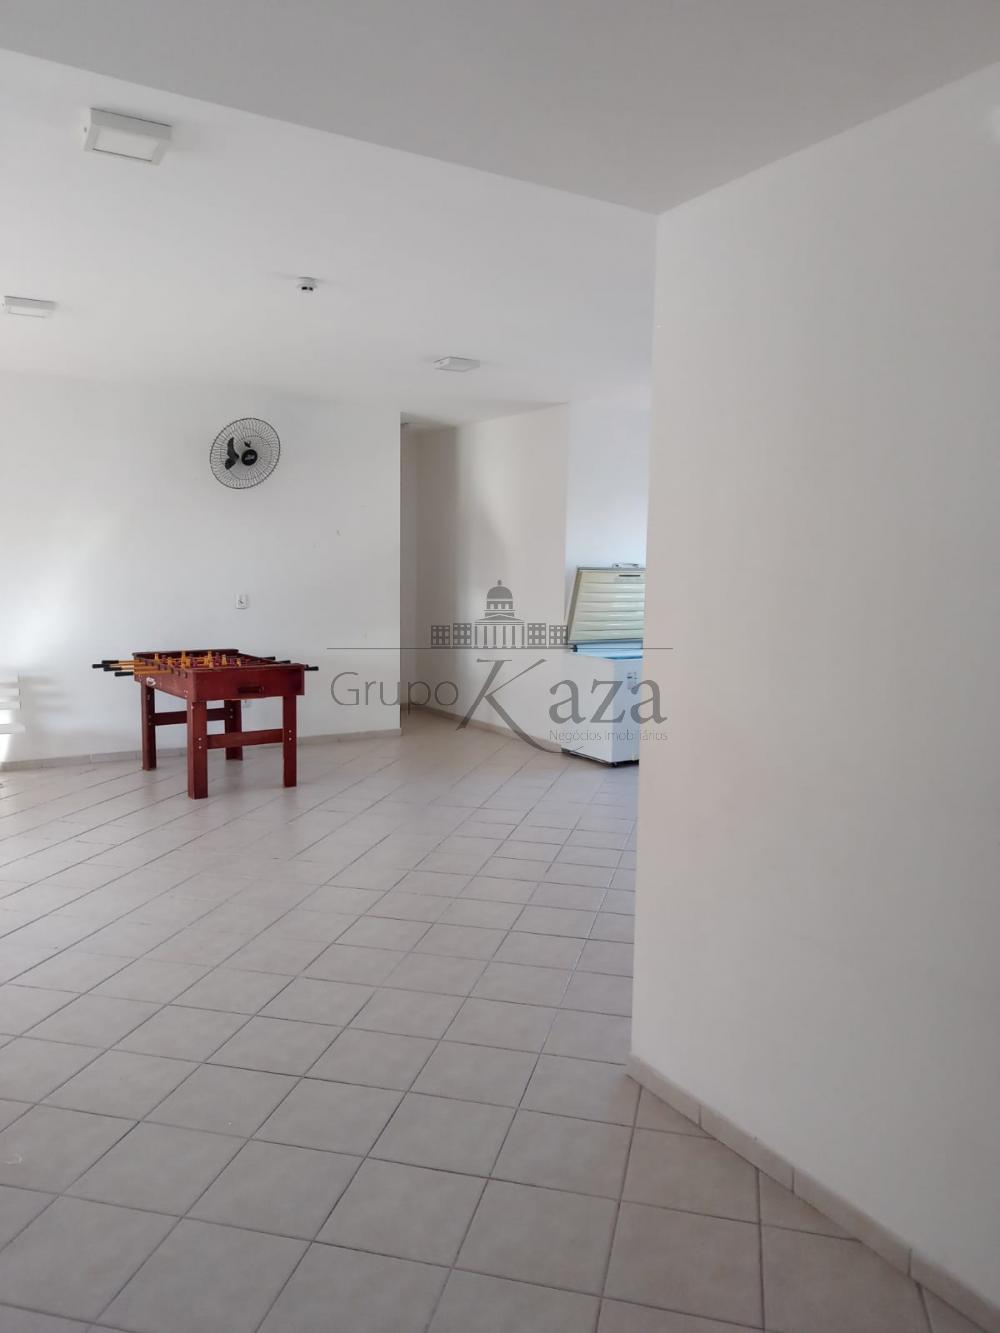 alt='Alugar Apartamento / Padrão em São José dos Campos R$ 2.200,00 - Foto 14' title='Alugar Apartamento / Padrão em São José dos Campos R$ 2.200,00 - Foto 14'